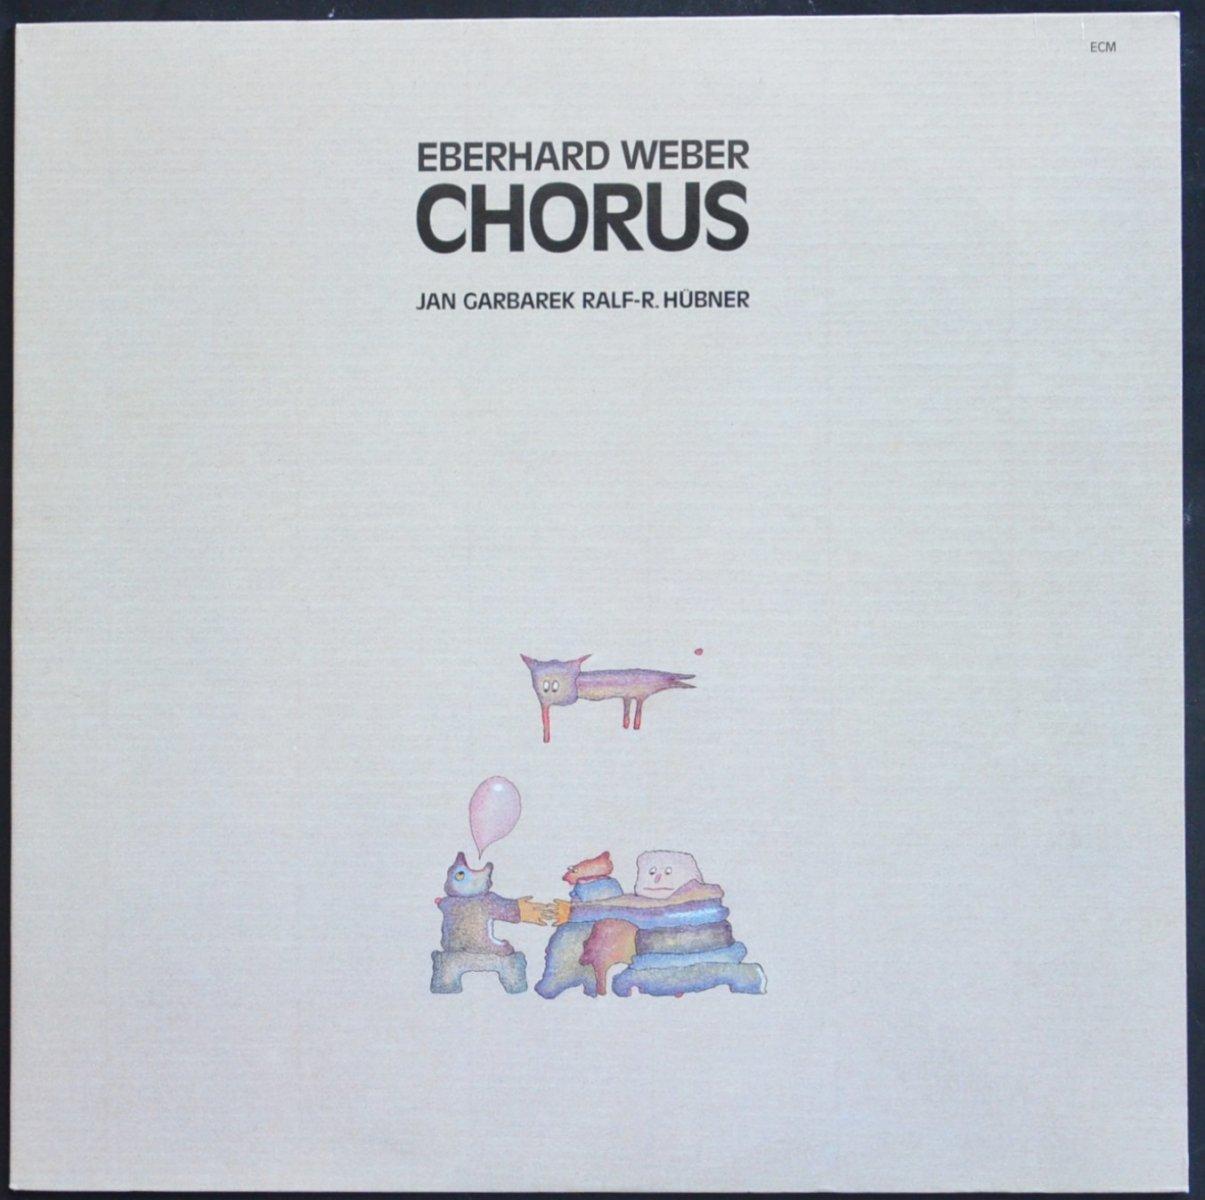 エバーハルト・ウェーバー EBERHARD WEBER / コーラス CHORUS (LP)